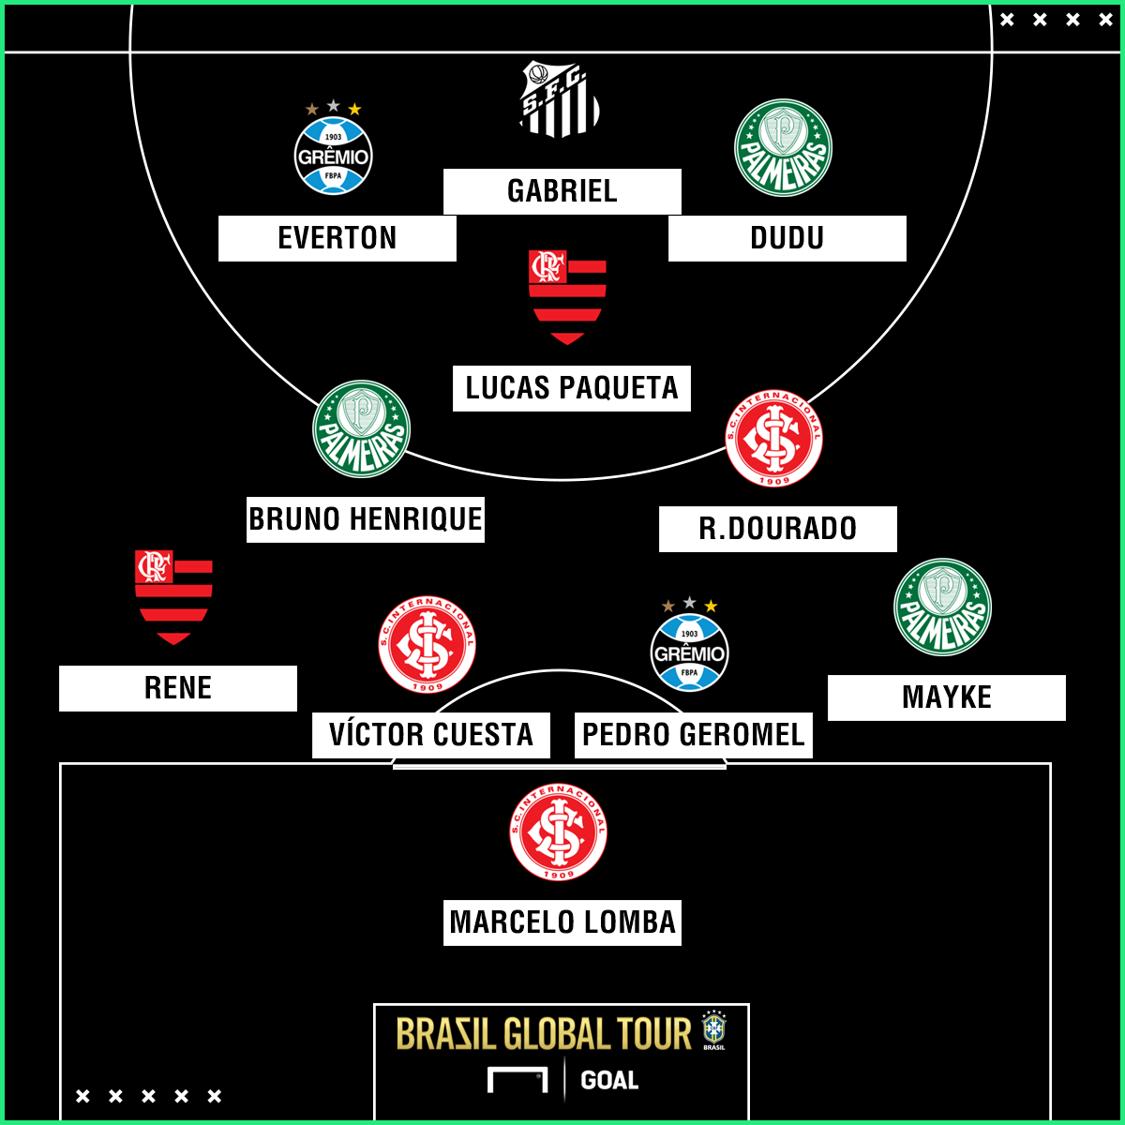 Brasileirao Team of 2018 BGT GFX 06122018